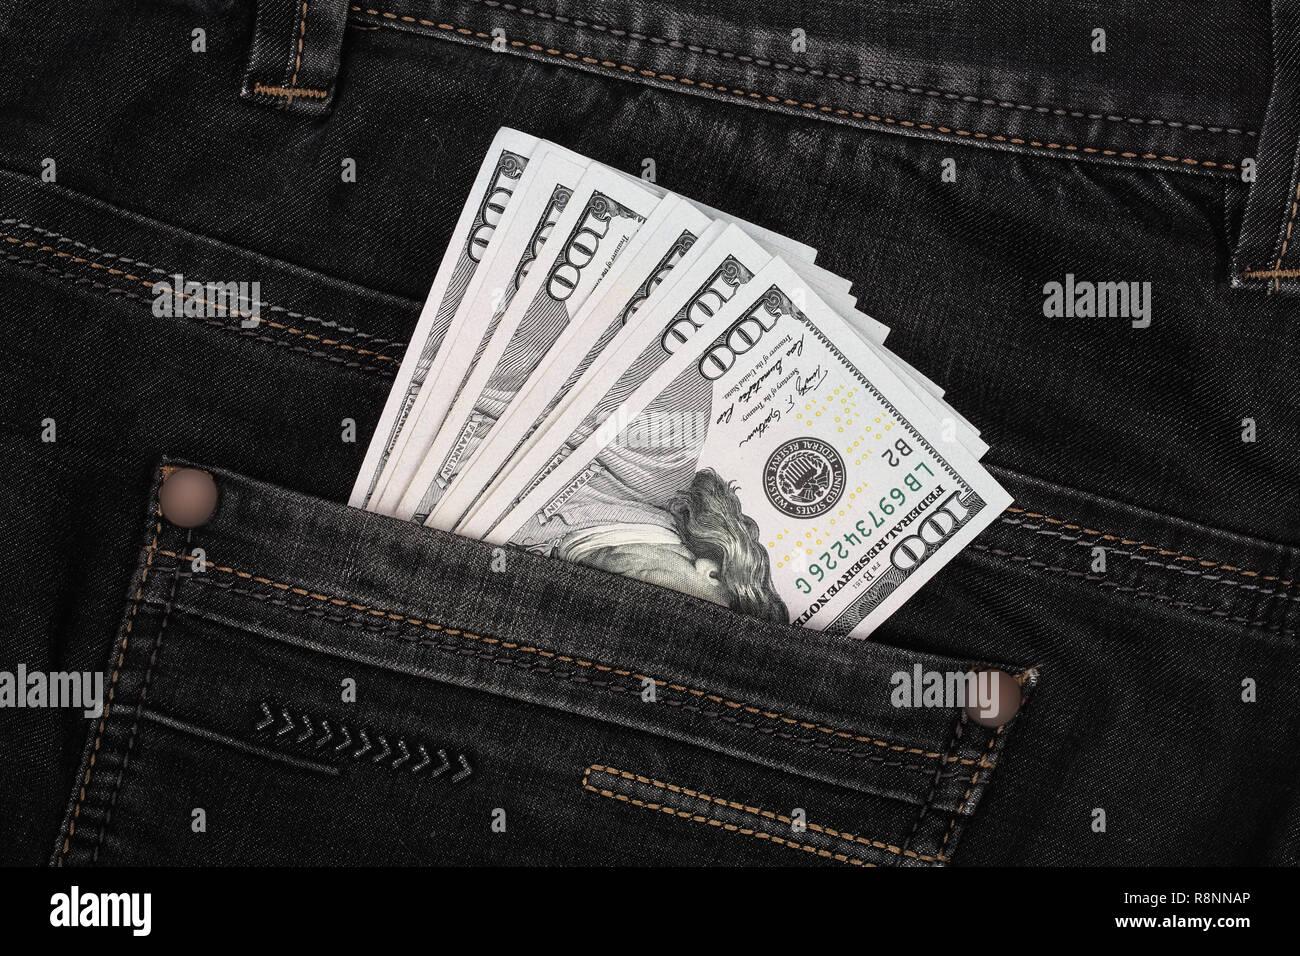 bf0c319be Los billetes de dólar americano en jeans de fondo de bolsillo Foto ...